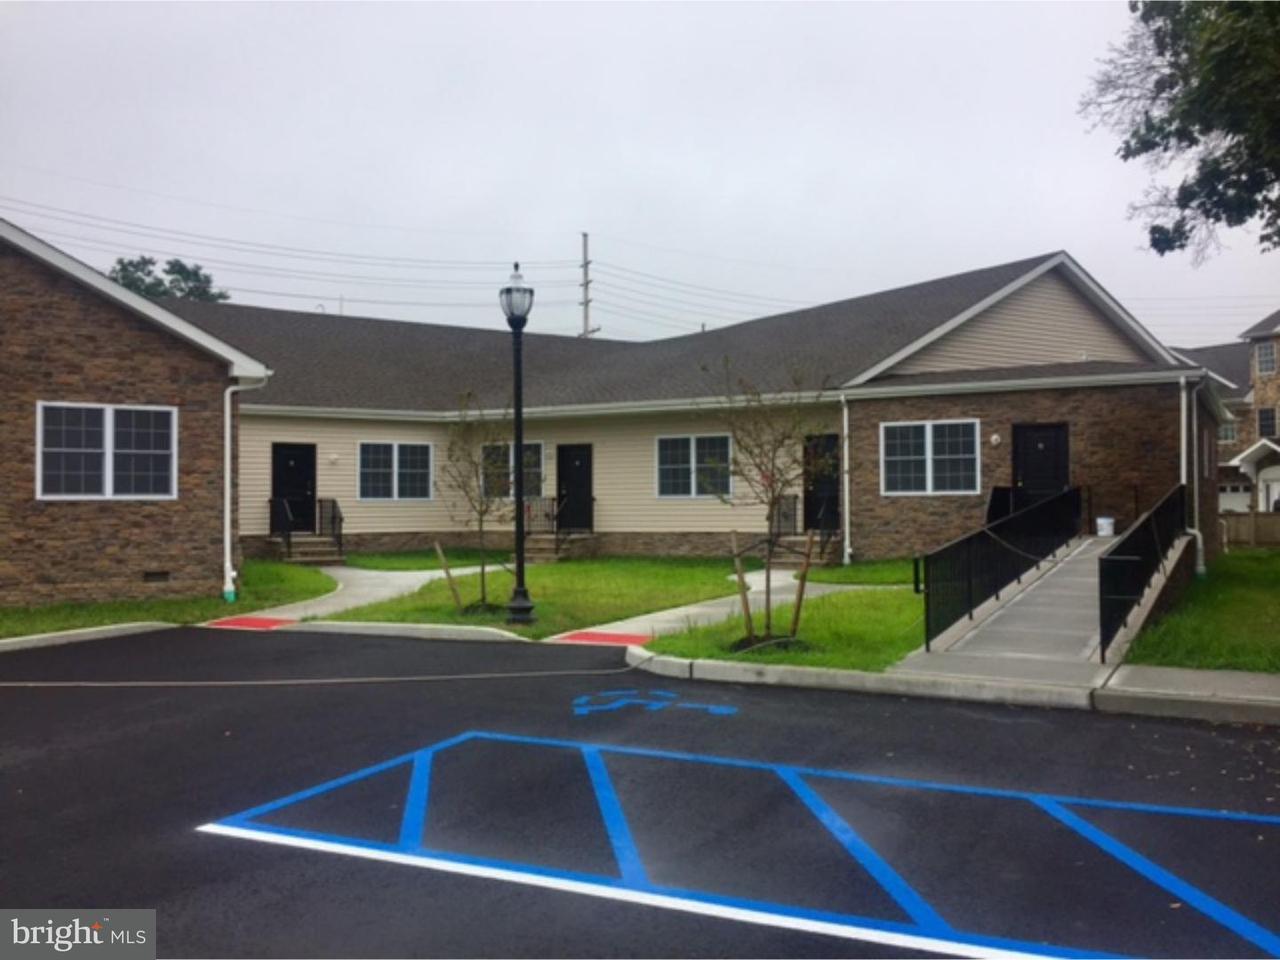 Casa Unifamiliar por un Alquiler en 132-134 WILLIAM Street Hightstown, Nueva Jersey 08520 Estados UnidosEn/Alrededor: Hightstown Borough